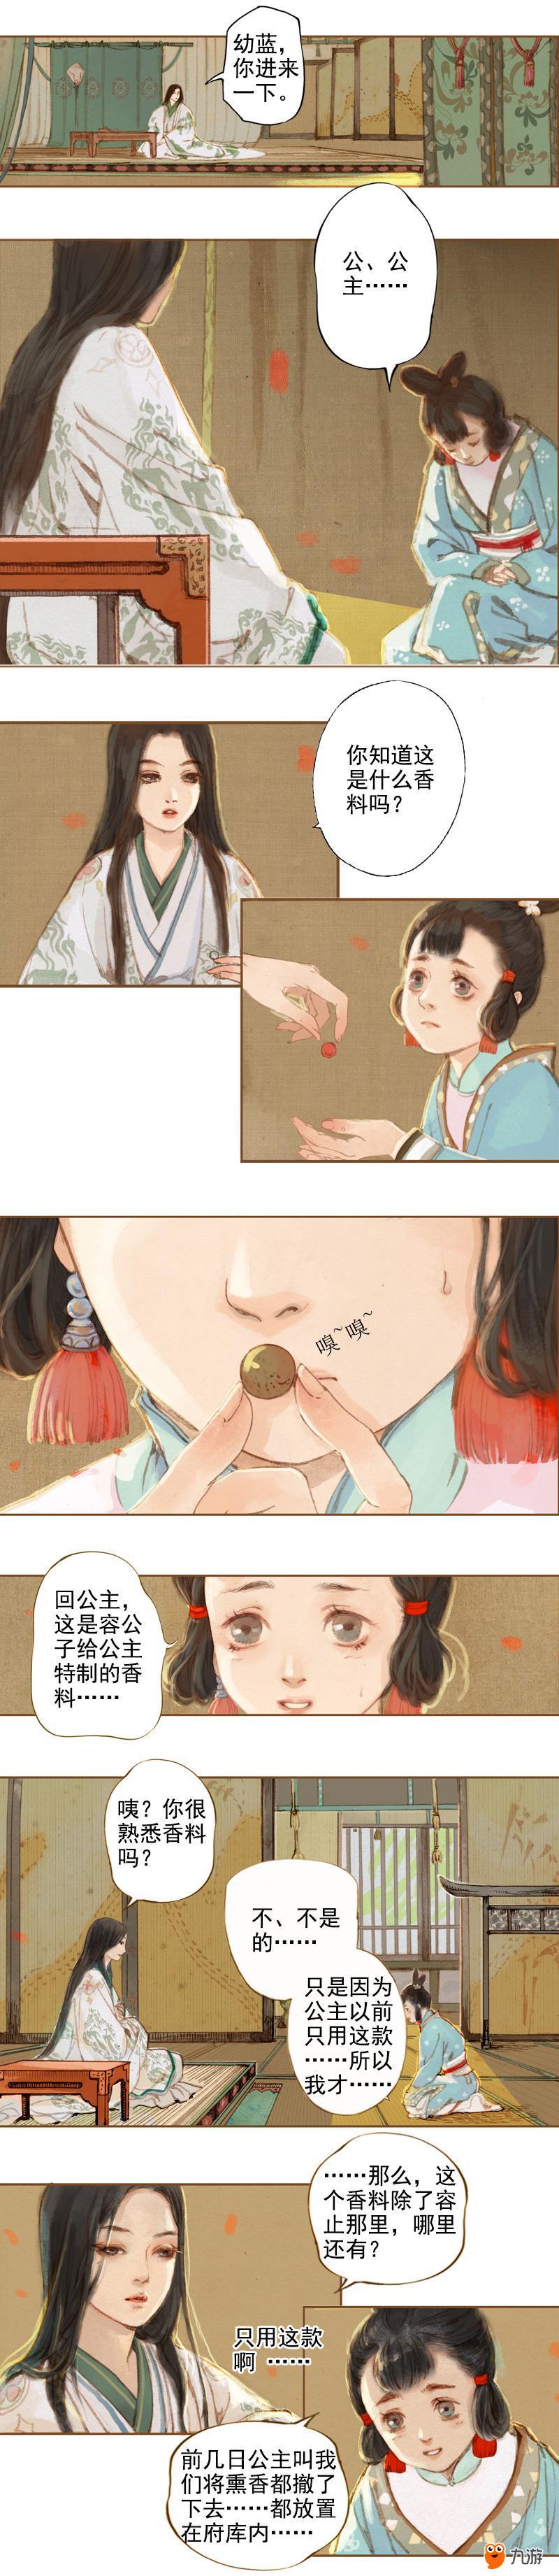 6下(3).jpg